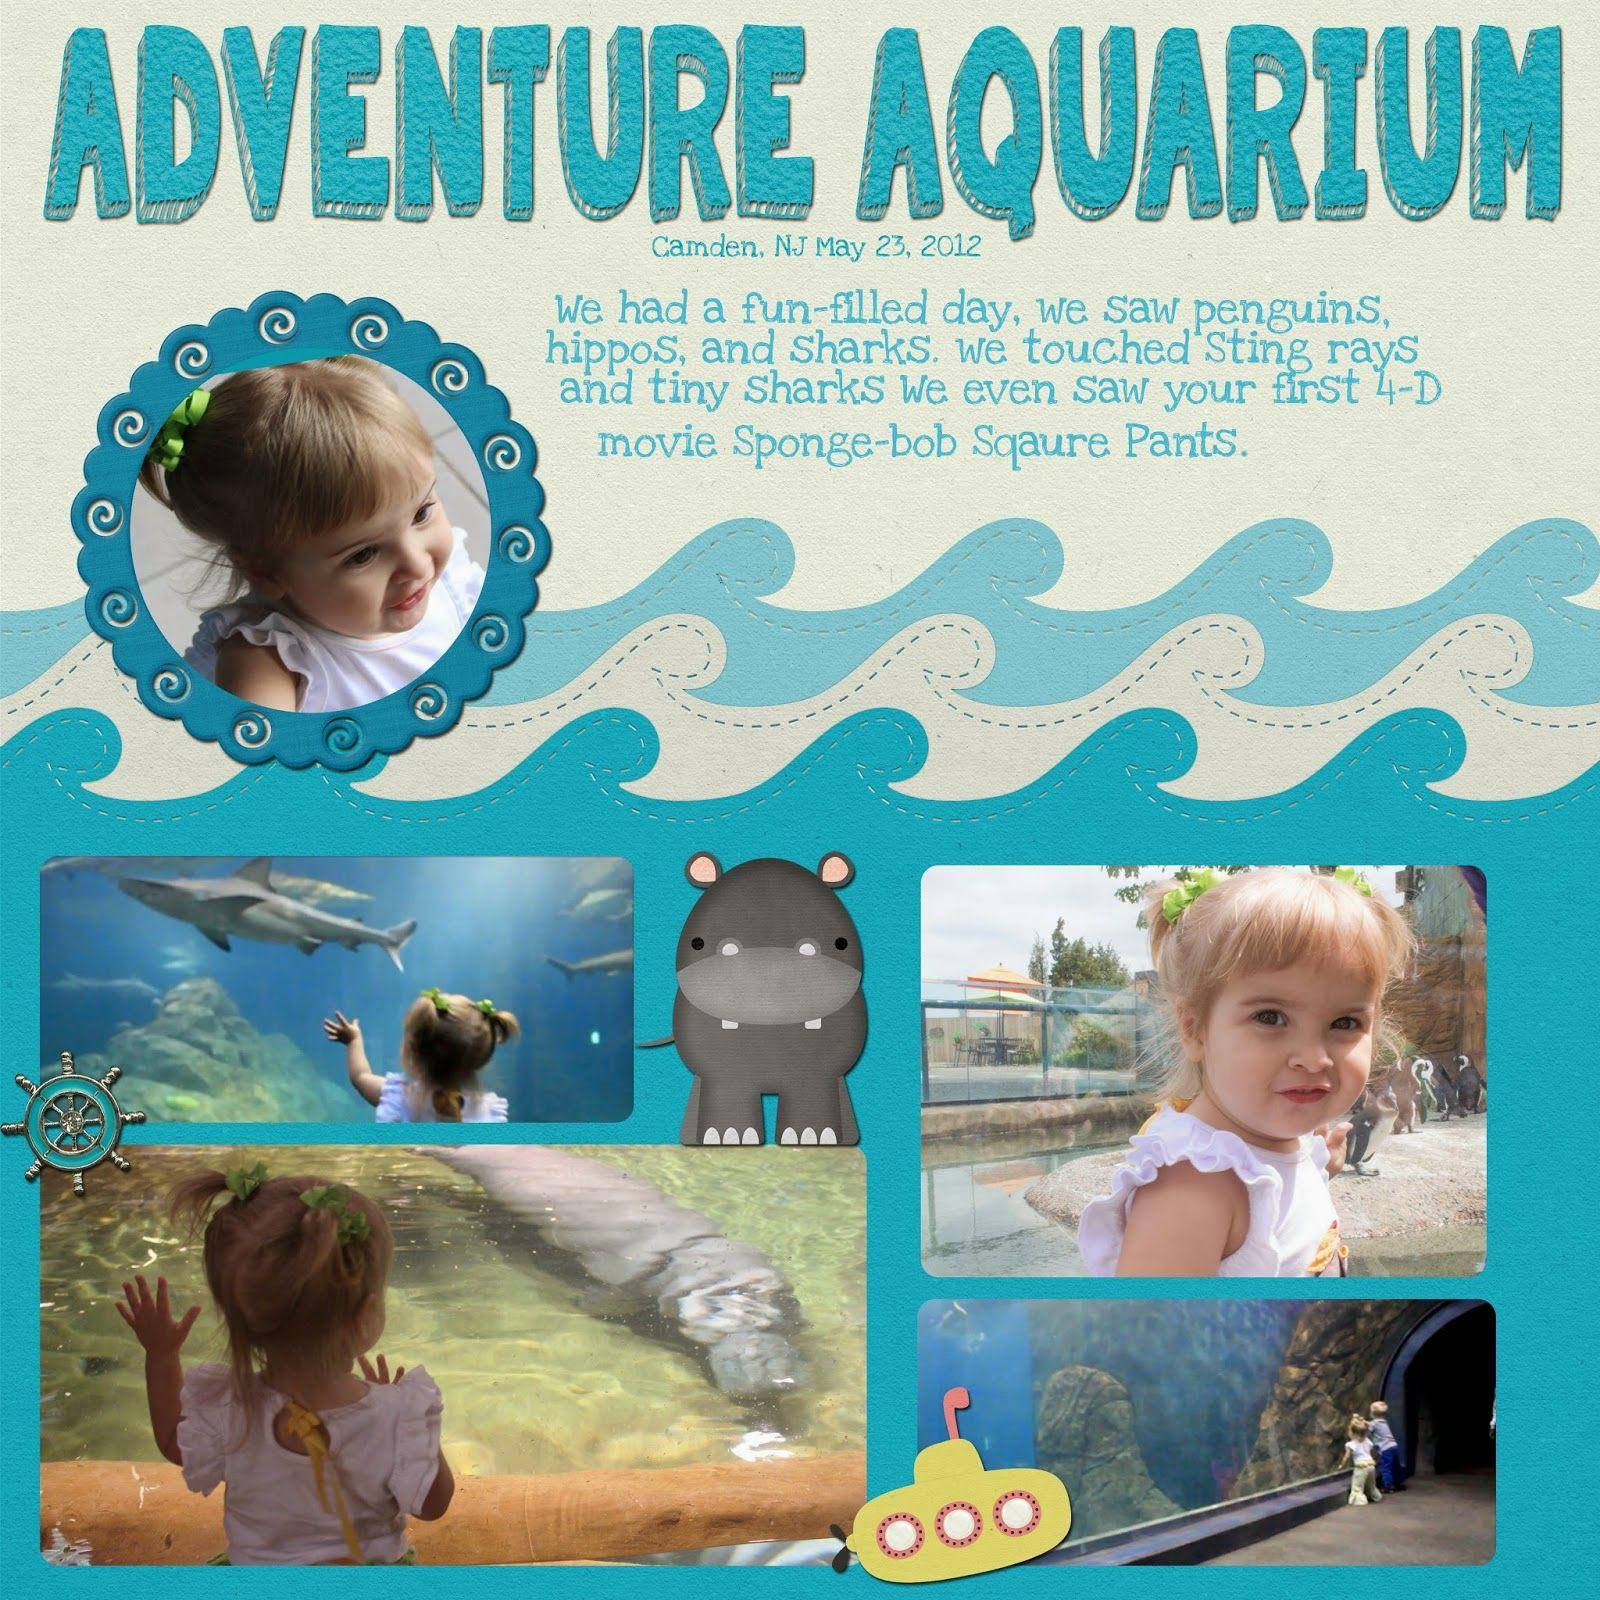 Aquarium Scrapbook Page at the Adventure Aquarium in camden NJe